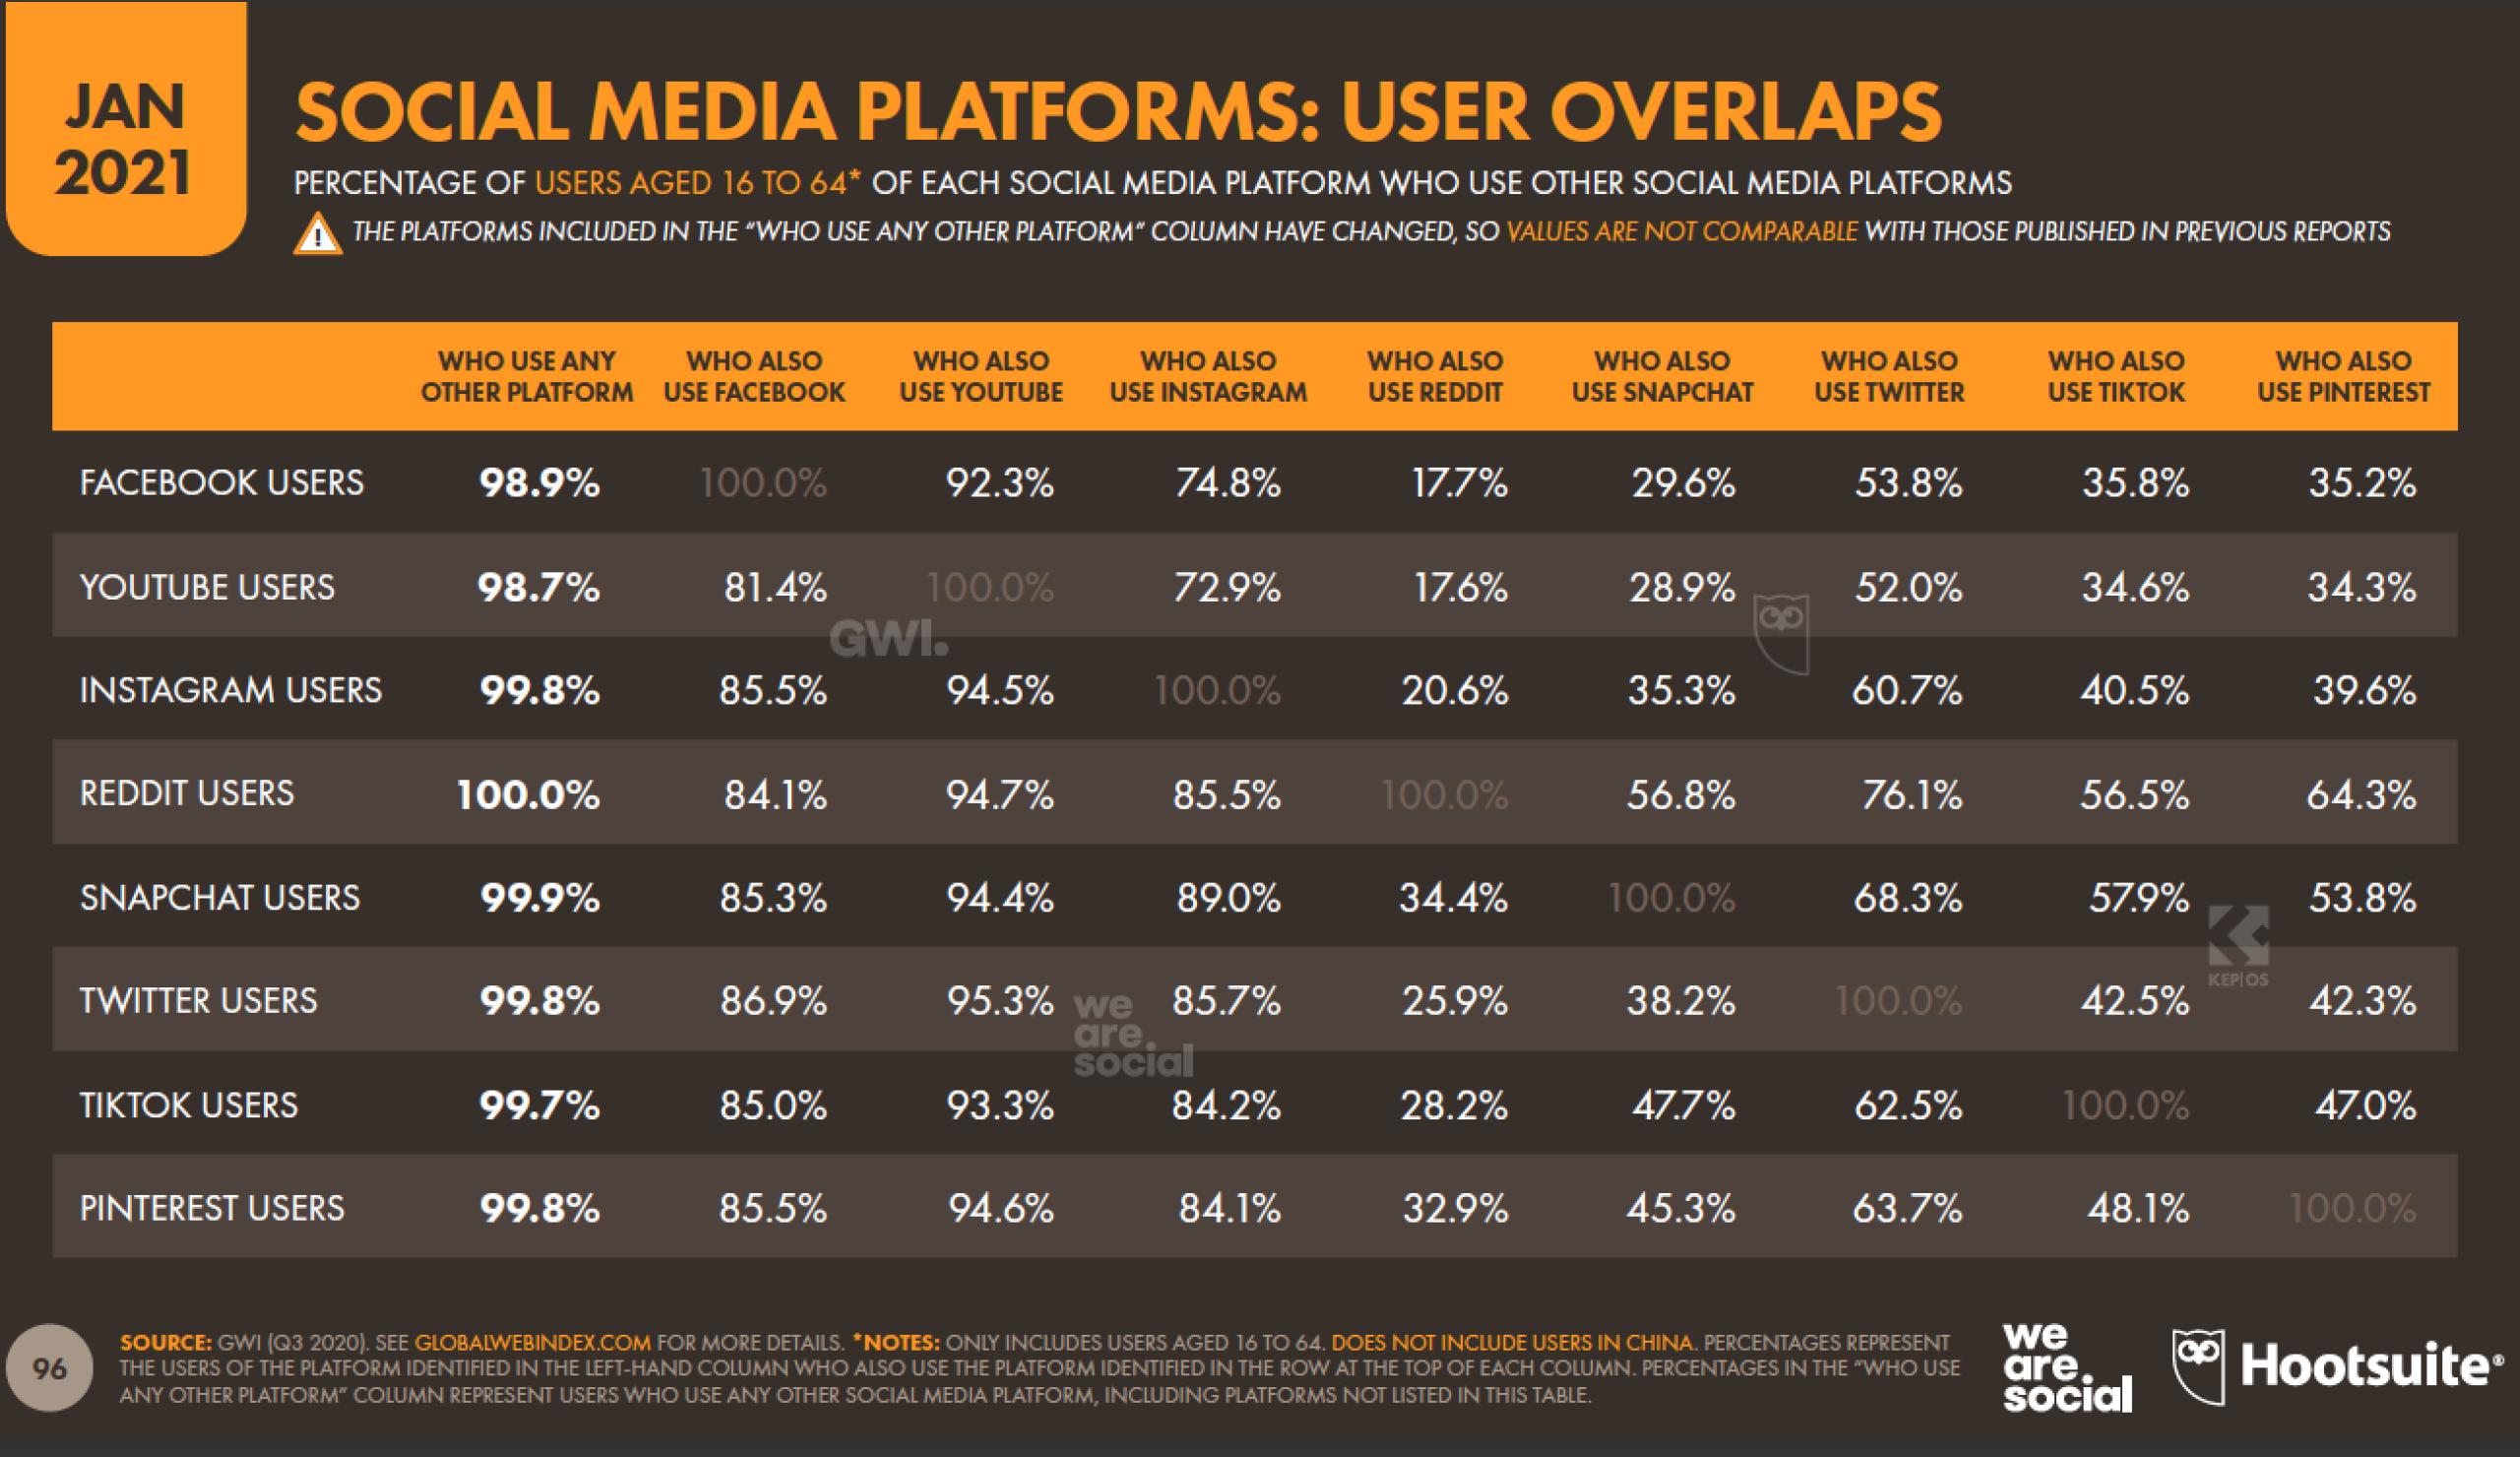 Пользователи пересекаются на платформах социальных сетей